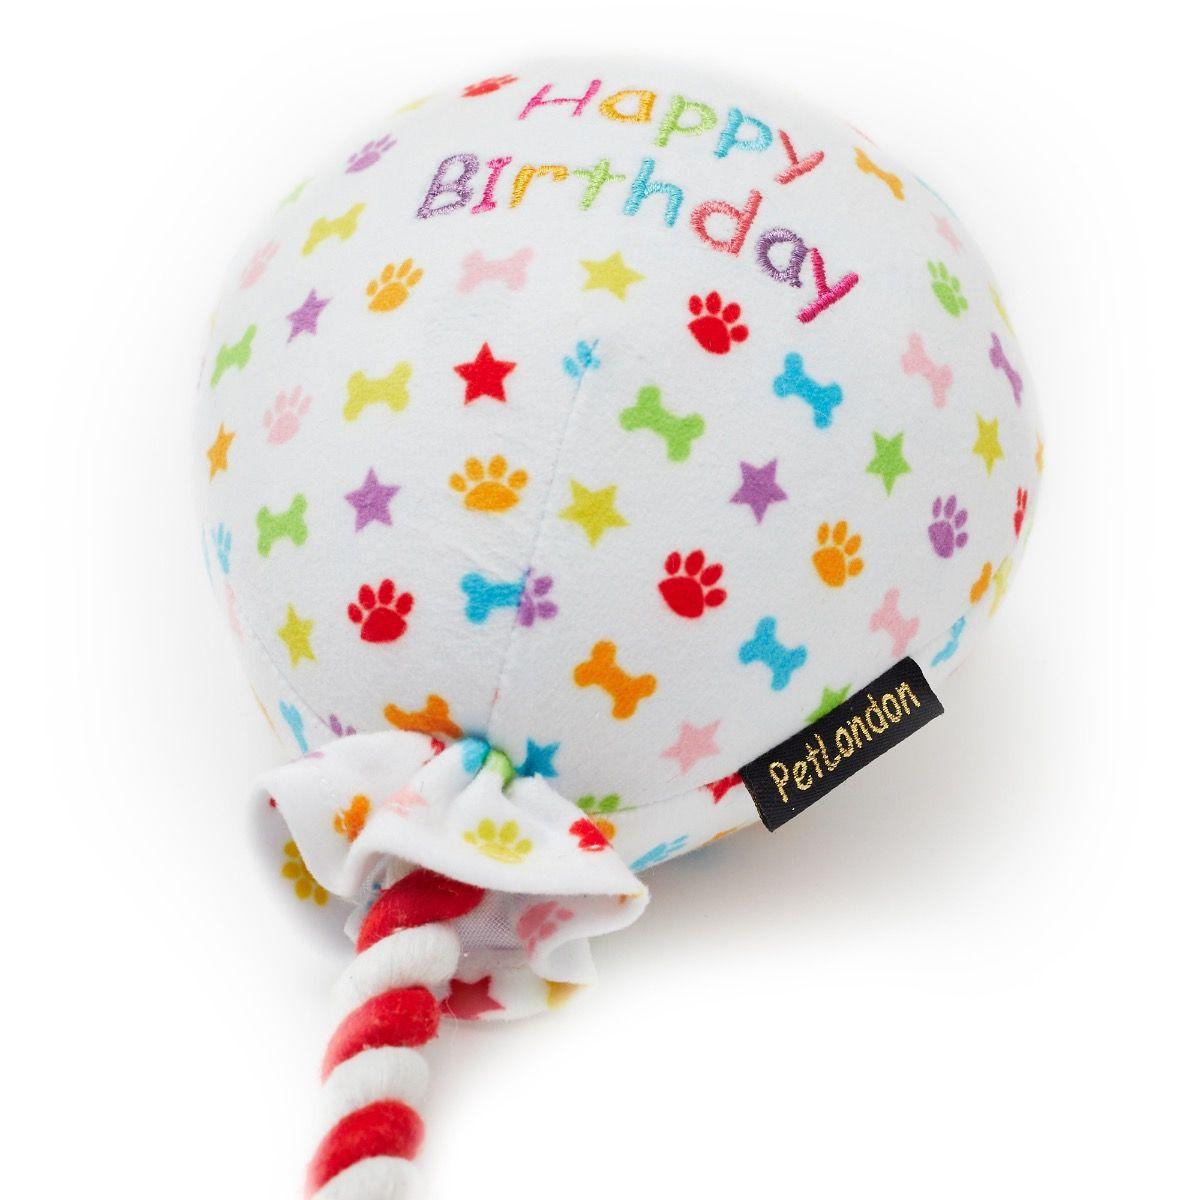 Birthday Balloon toy